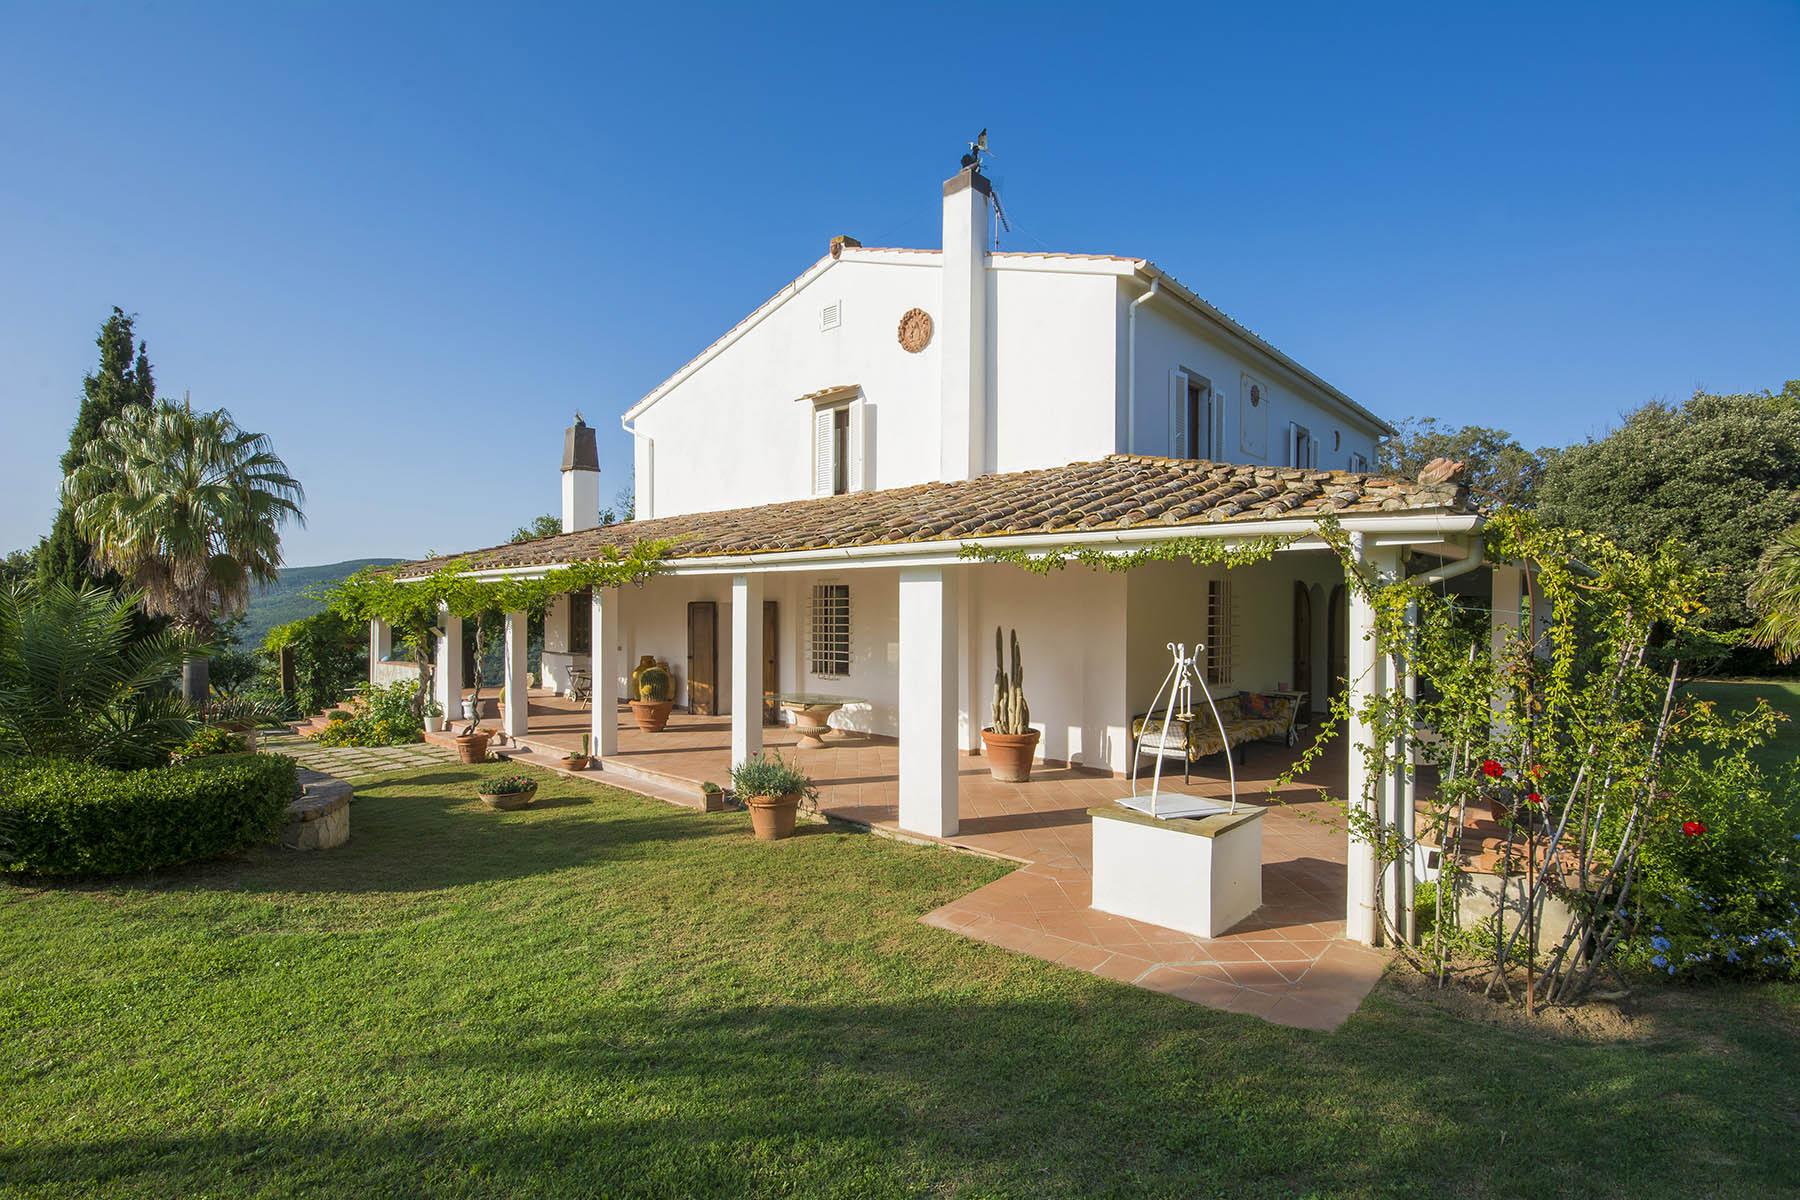 Villa in Vendita a Rosignano Marittimo: 5 locali, 450 mq - Foto 5